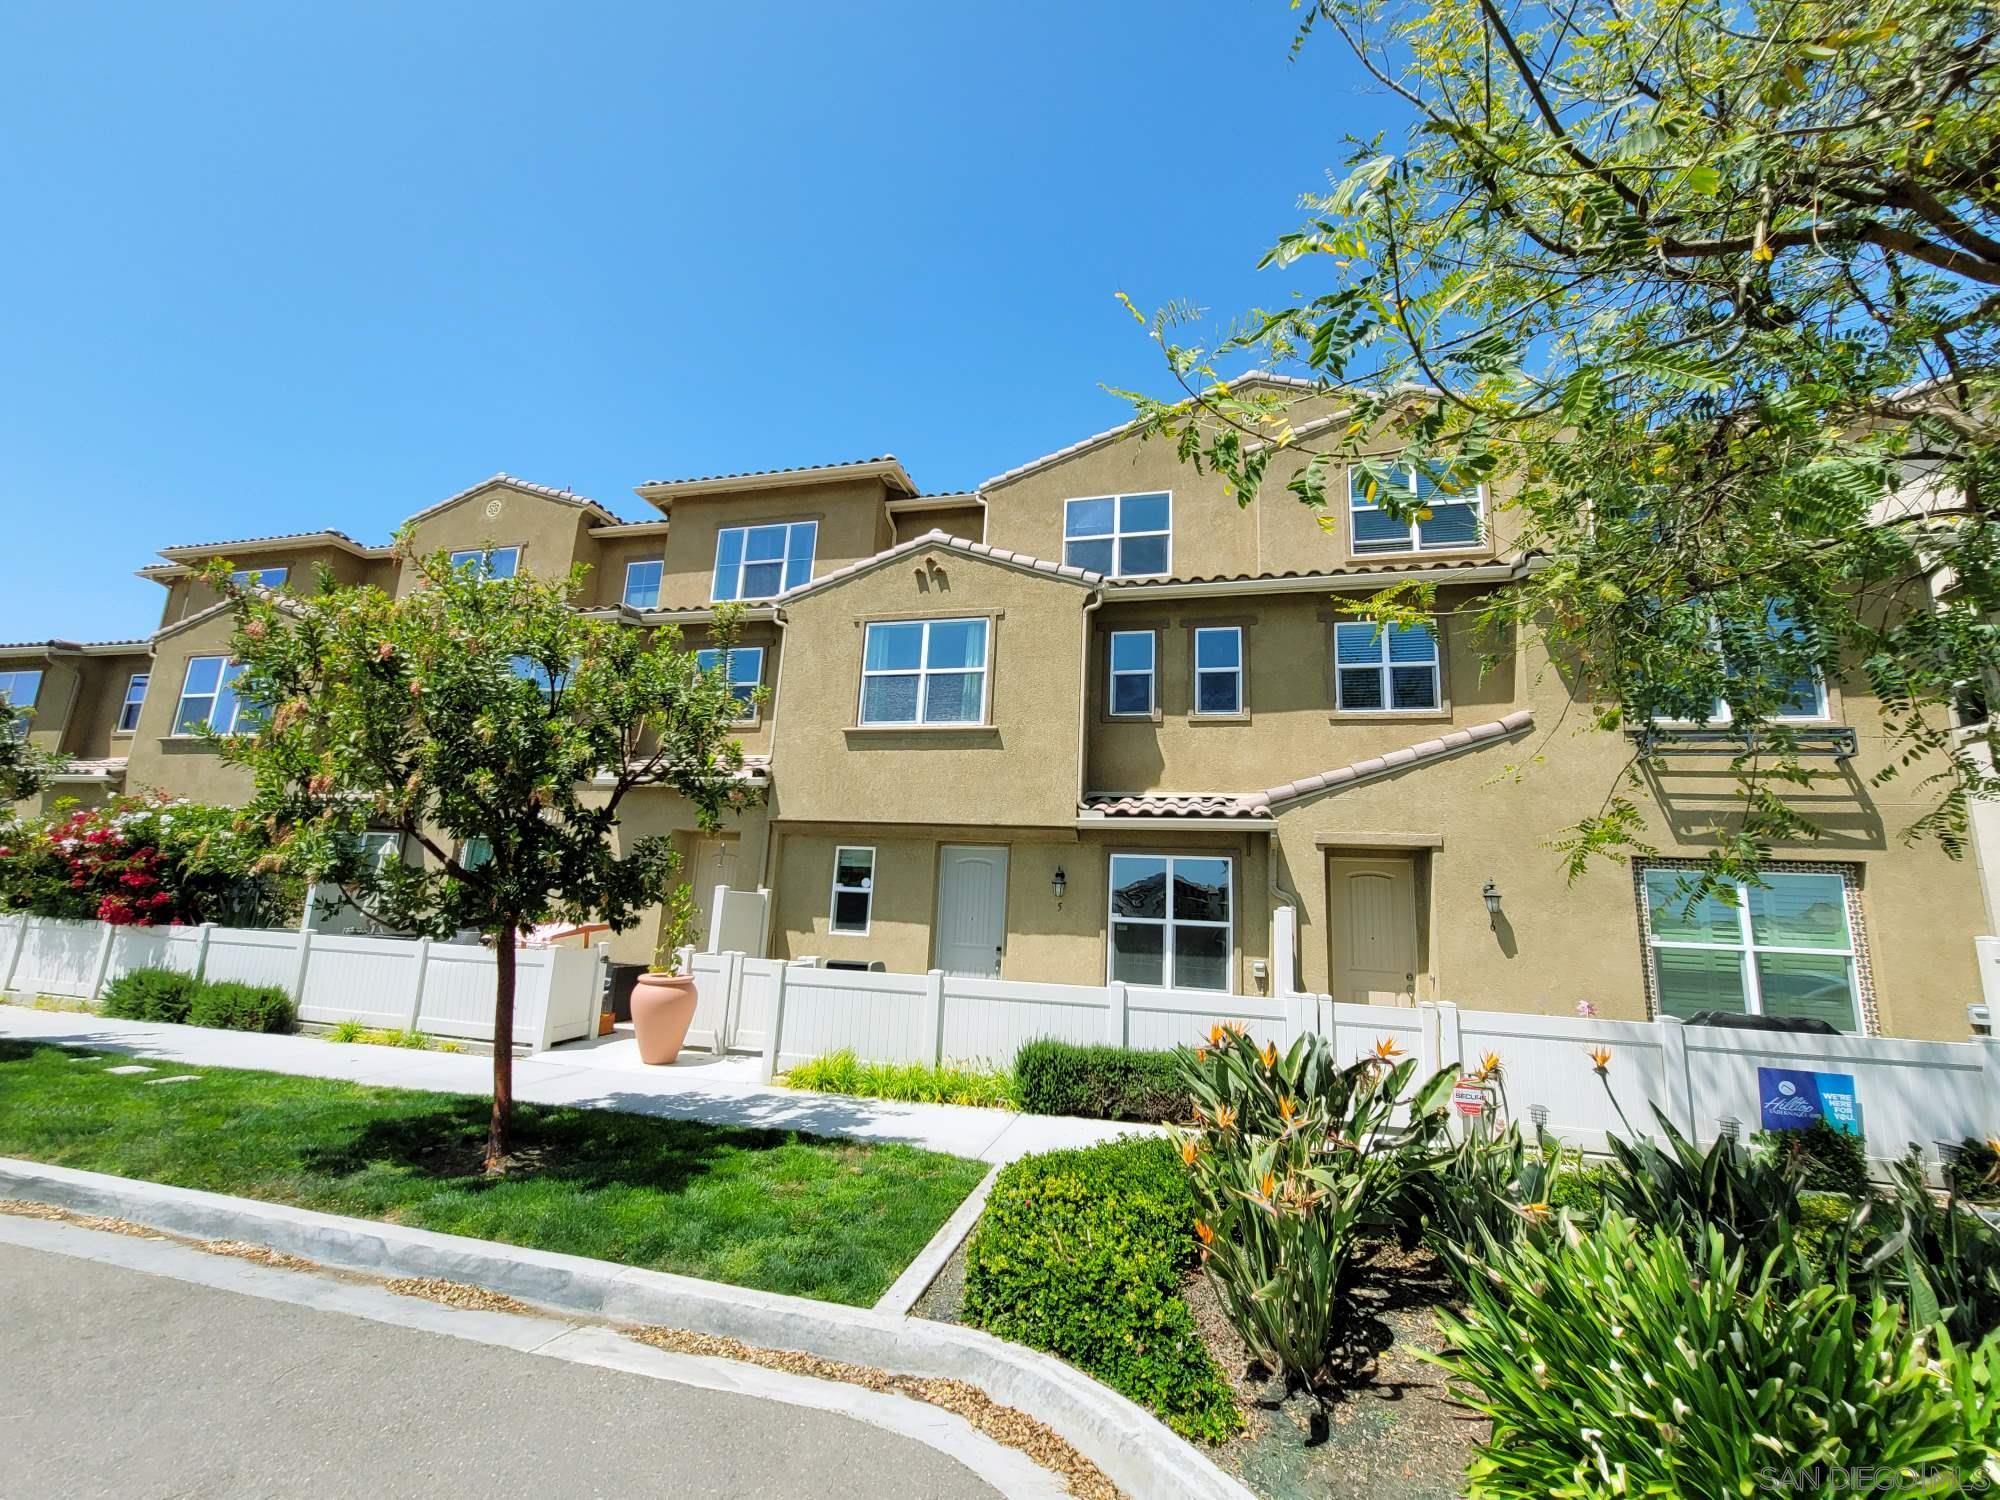 1305 Santa Diana Rd Unit 5, Chula Vista, CA 91913